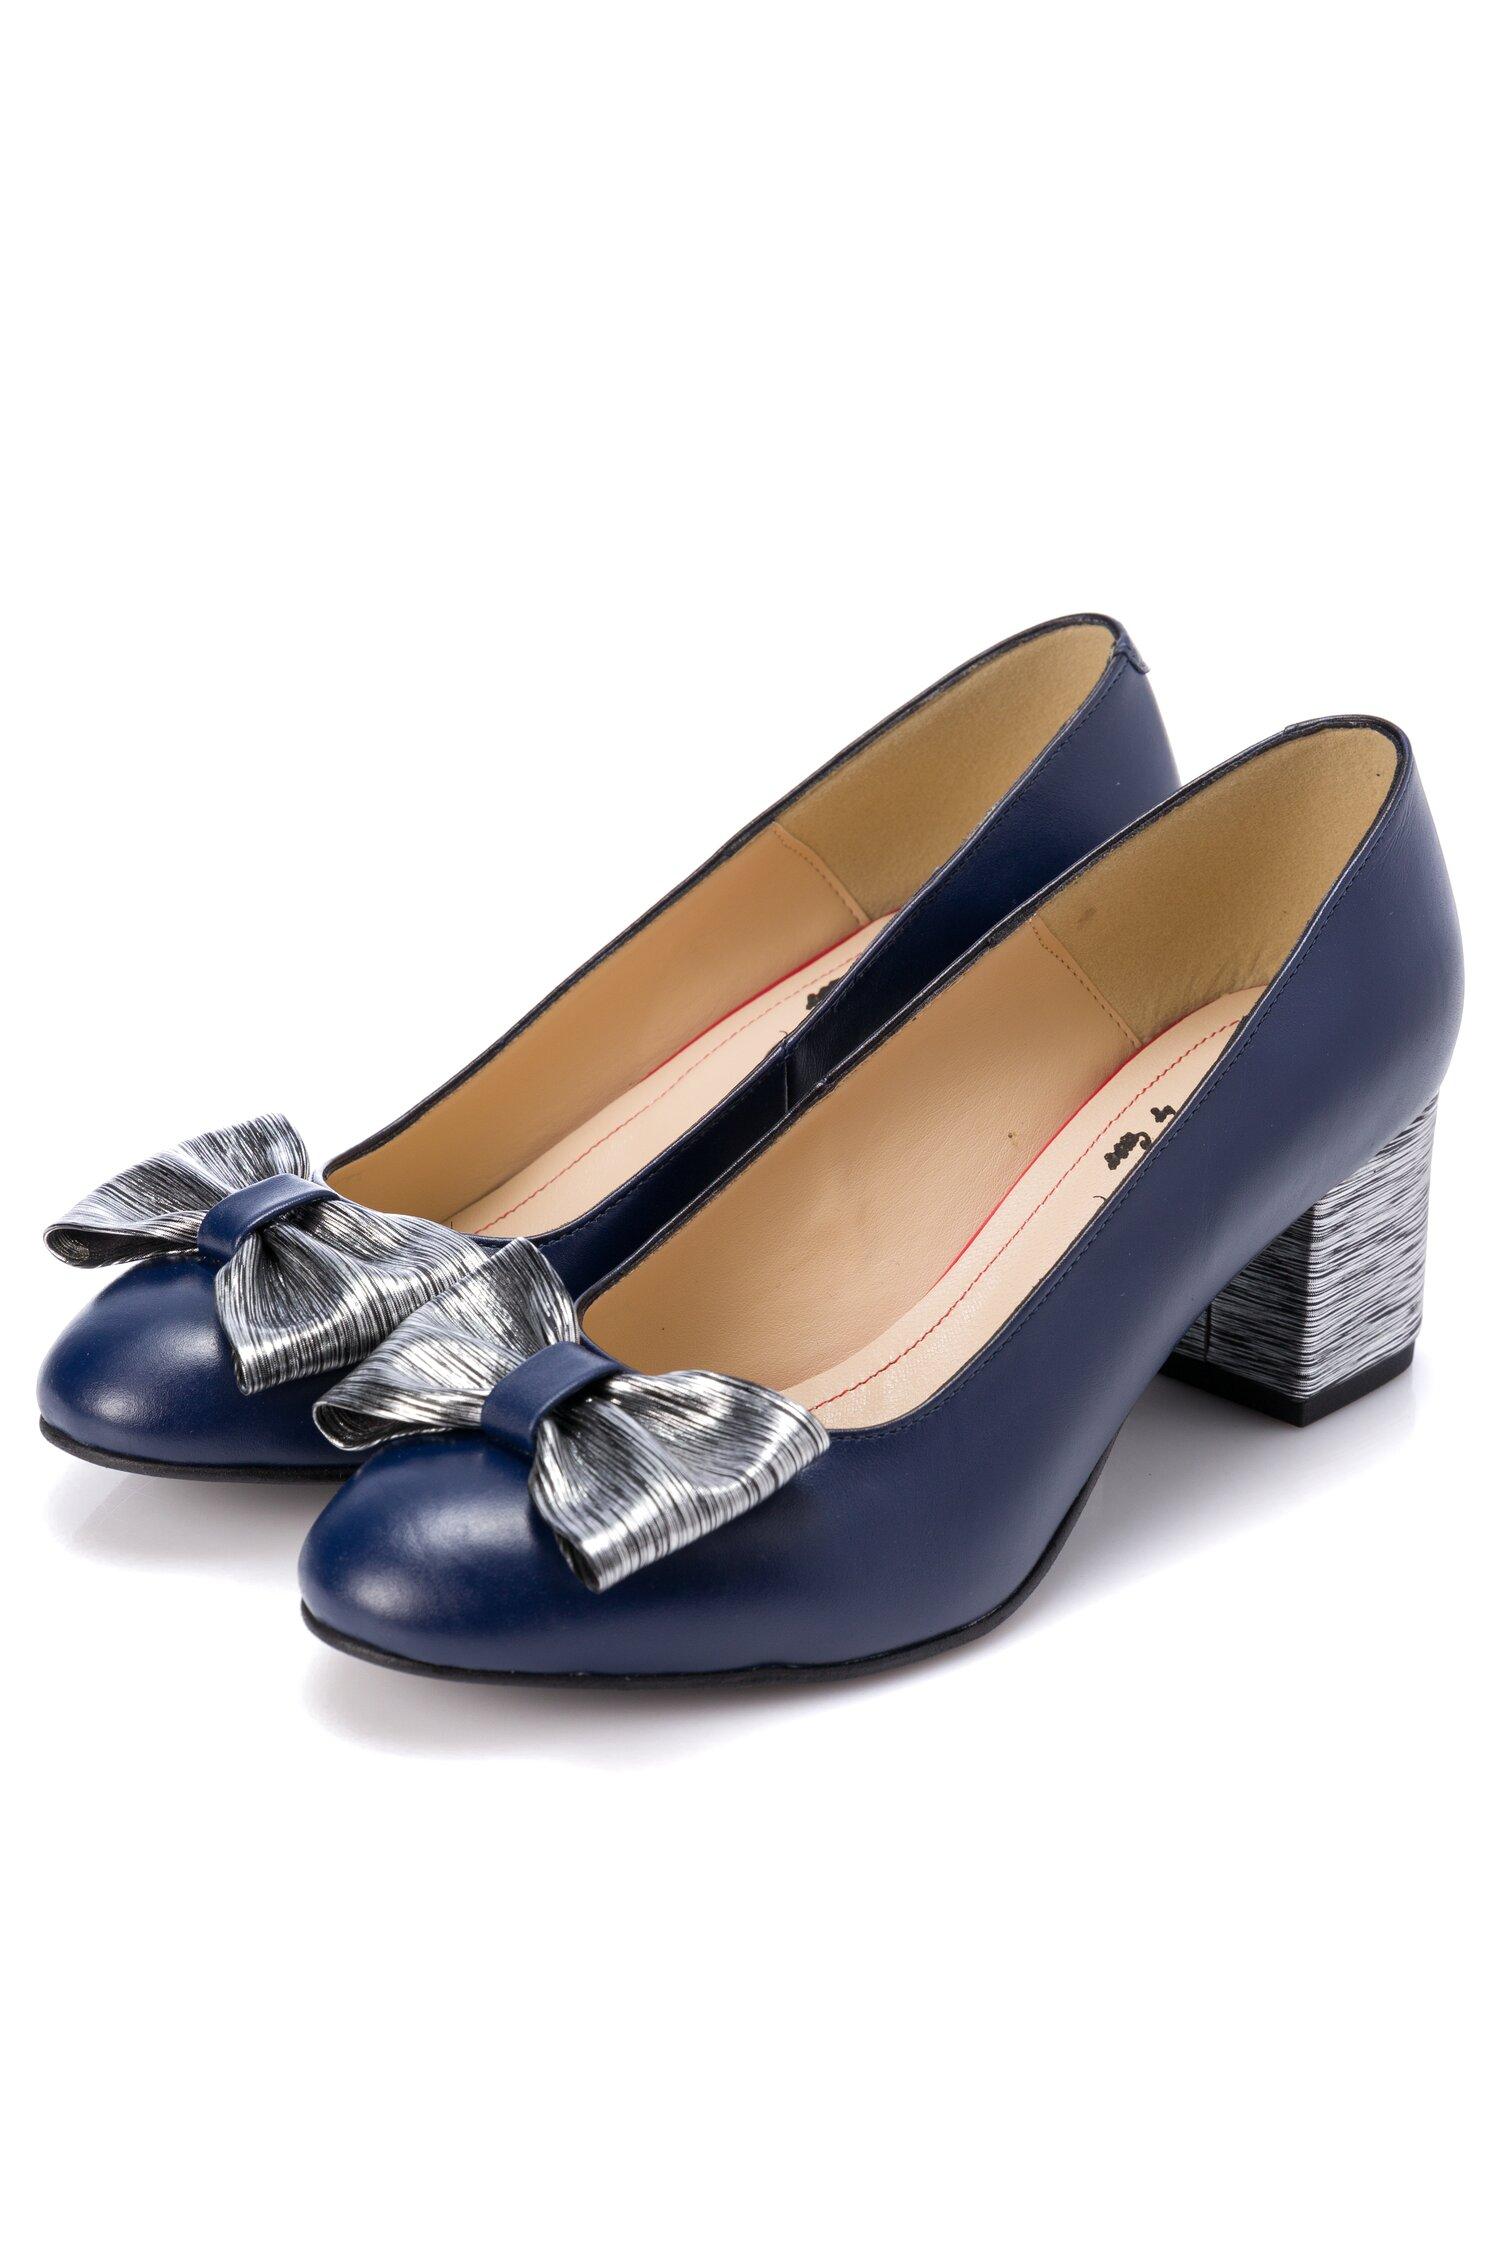 Pantofi bleumarin cu fundita maxi argintie in fata